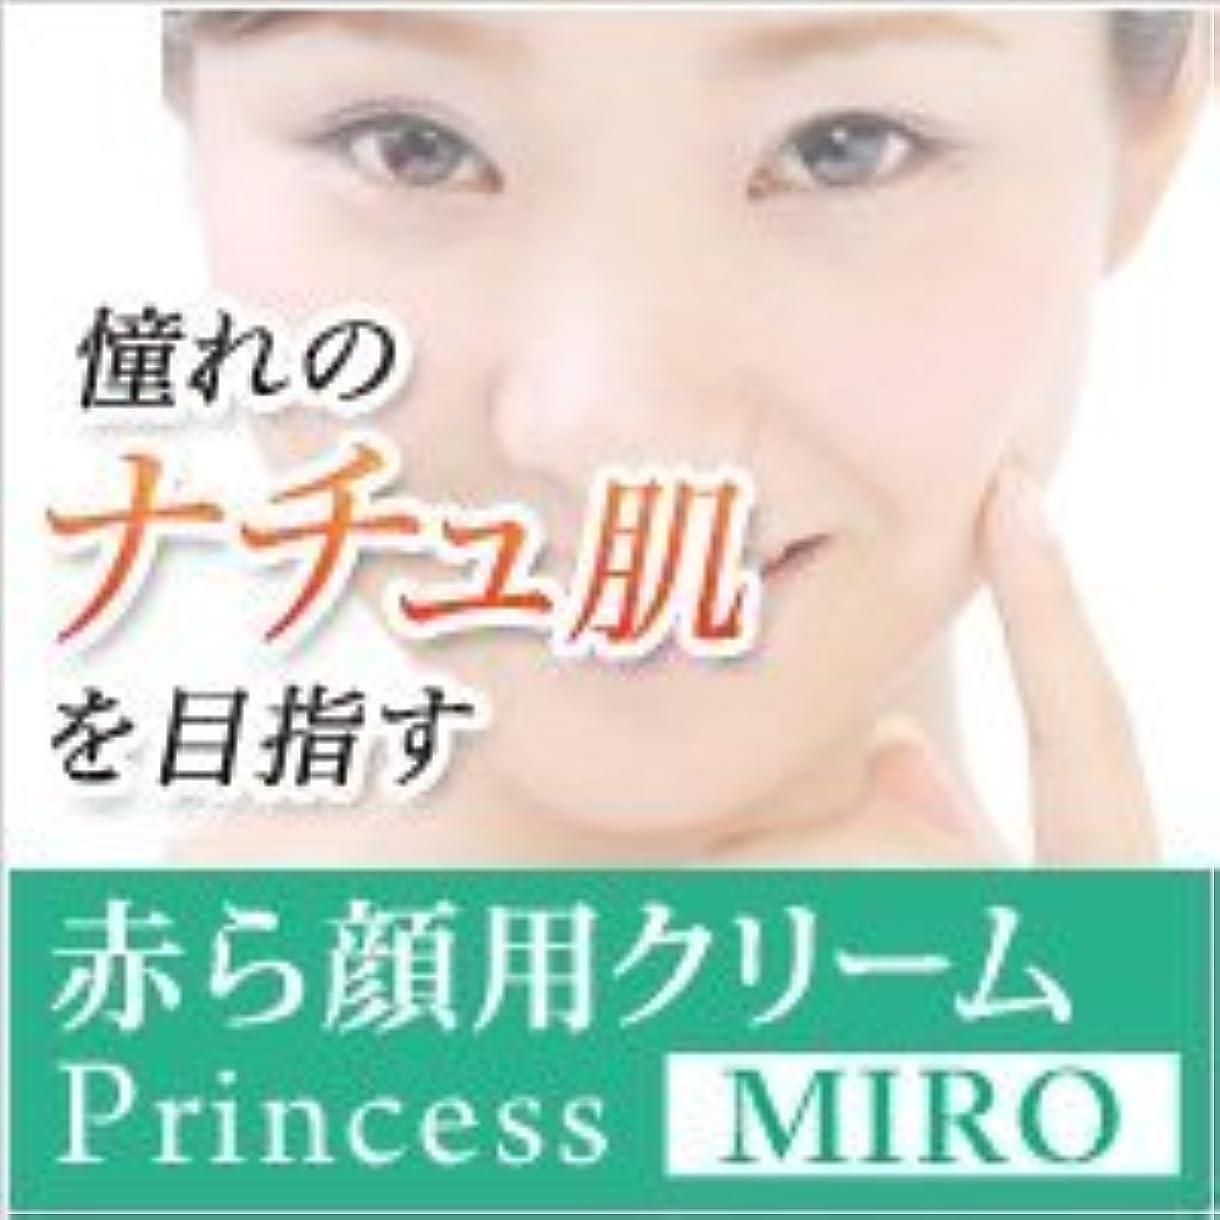 保証金道路反応するPrincess MIRO 赤ら顔用クリーム (2個)